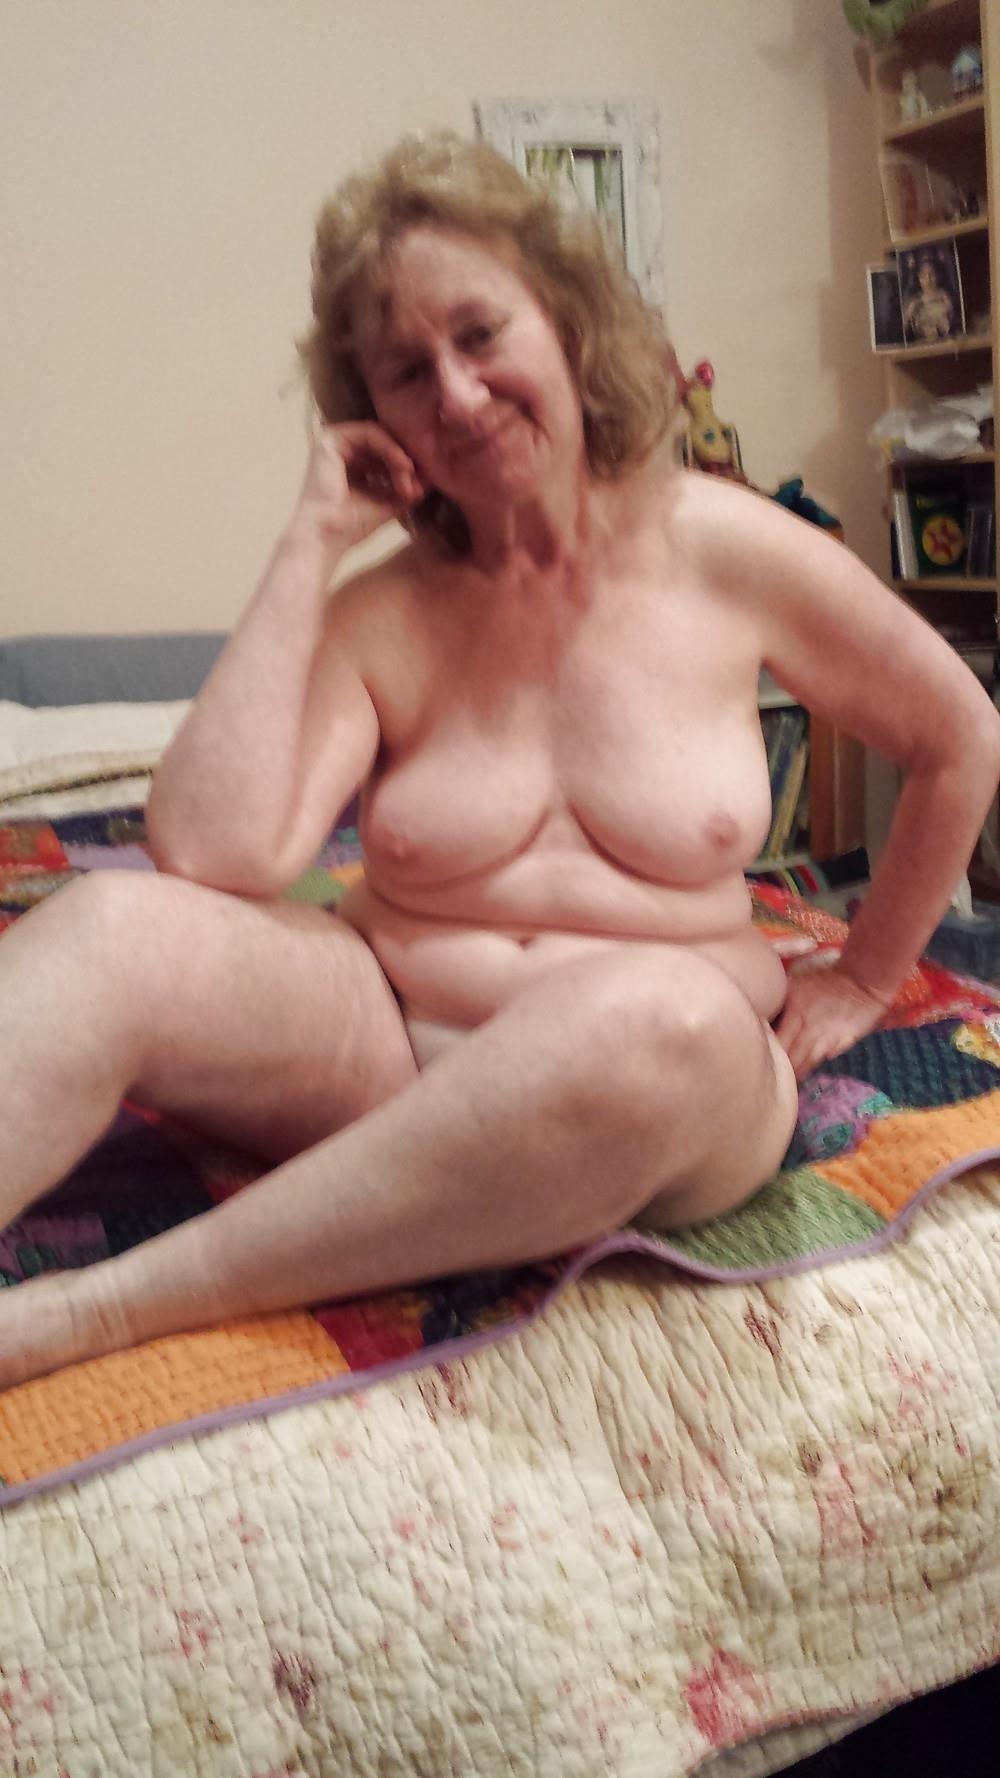 Chubby granny nude pics-5768